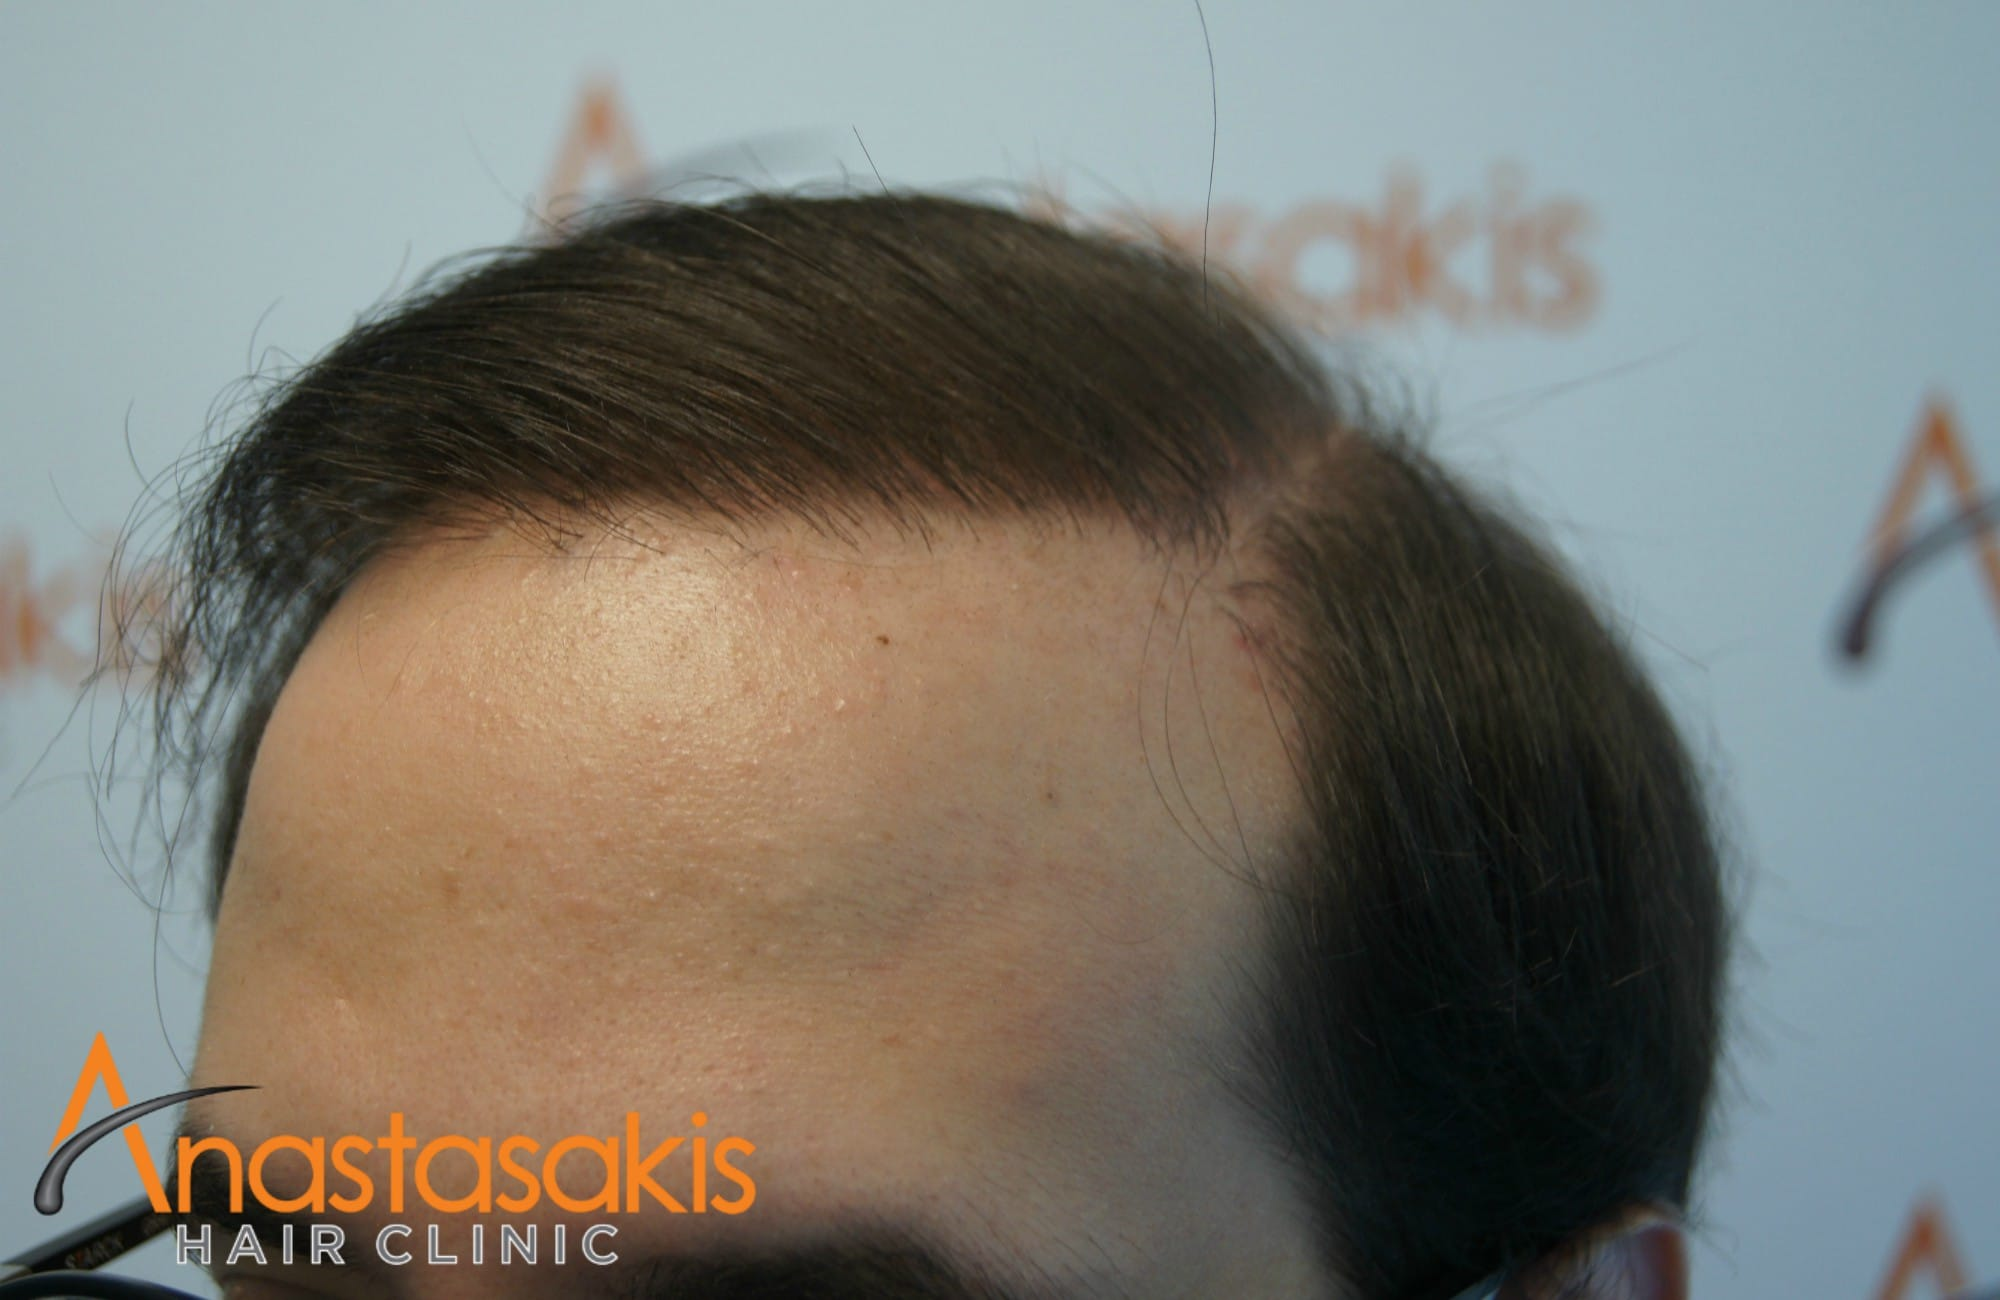 δεξι προφιλ ασθενους μετα τη μεταμοσχευση μαλλιων με 3500 fus